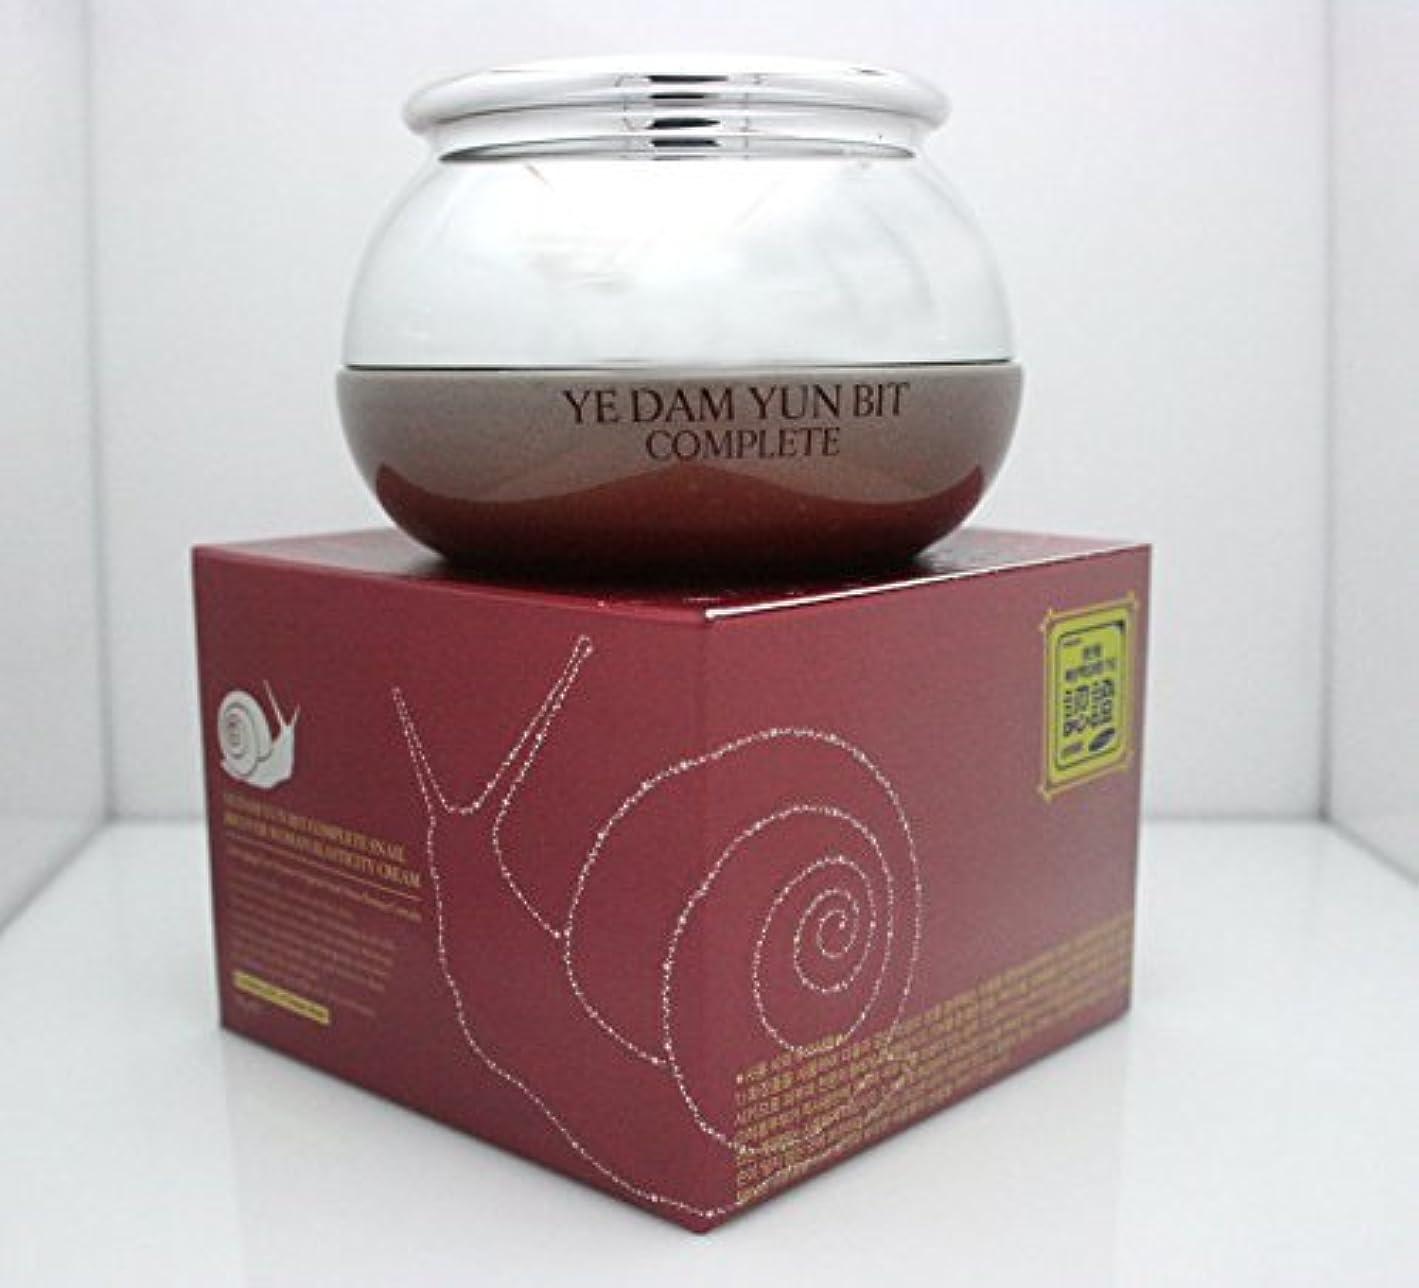 学校ブランドキャプテンブライ[YEDAM YUNBIT] 完全なカタツムリ?リフト?リフティング?クリーム50g/韓国化粧品/Complete Snail Recover Lifting Cream 50g/Korean cosmetics [並行輸入品]